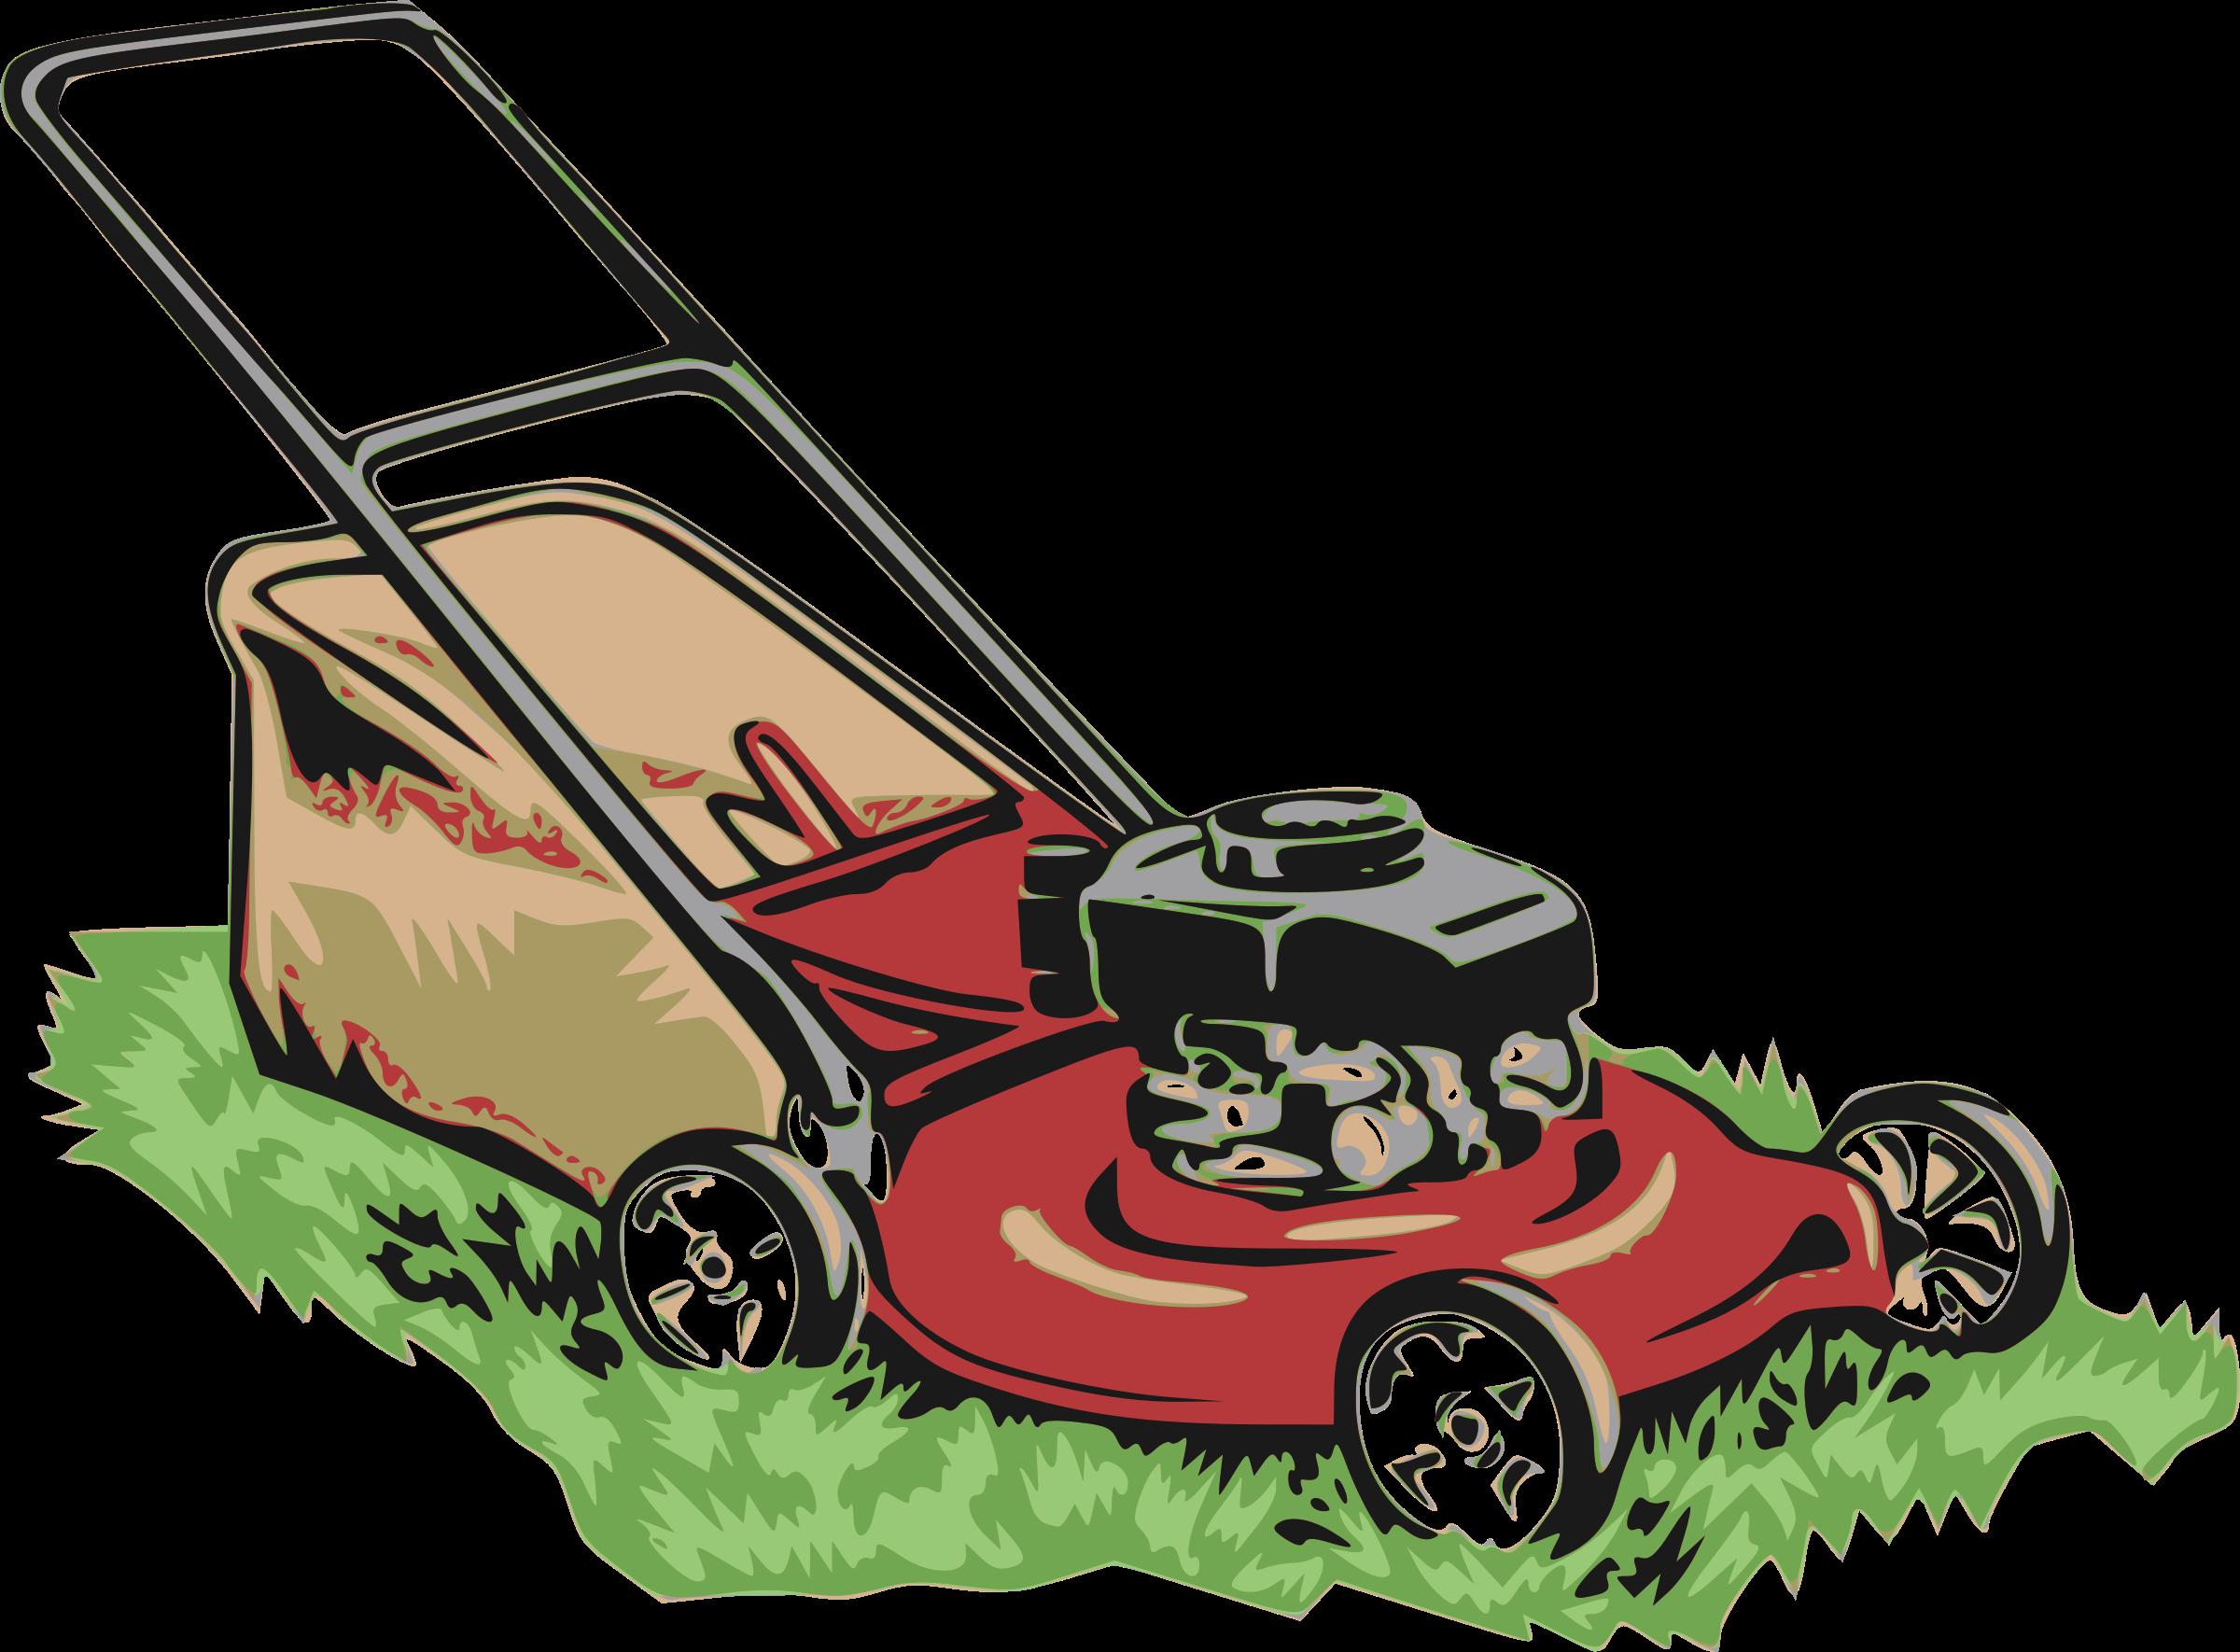 Gardening clipart lawn garden, Gardening lawn garden.